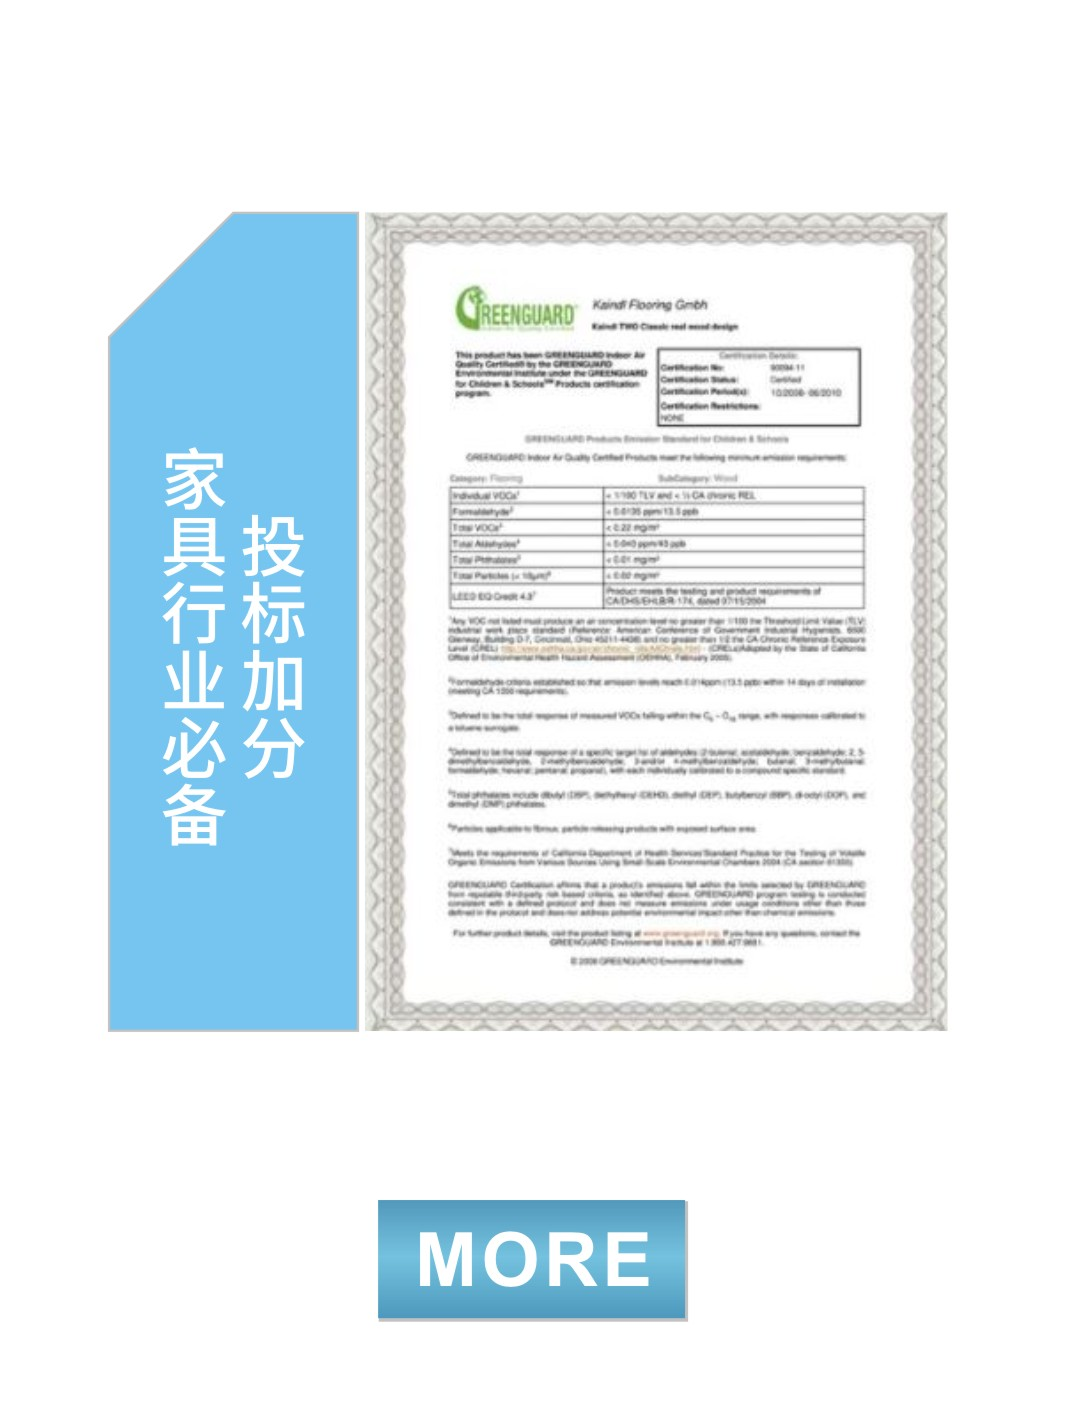 綠色環保衛士認證